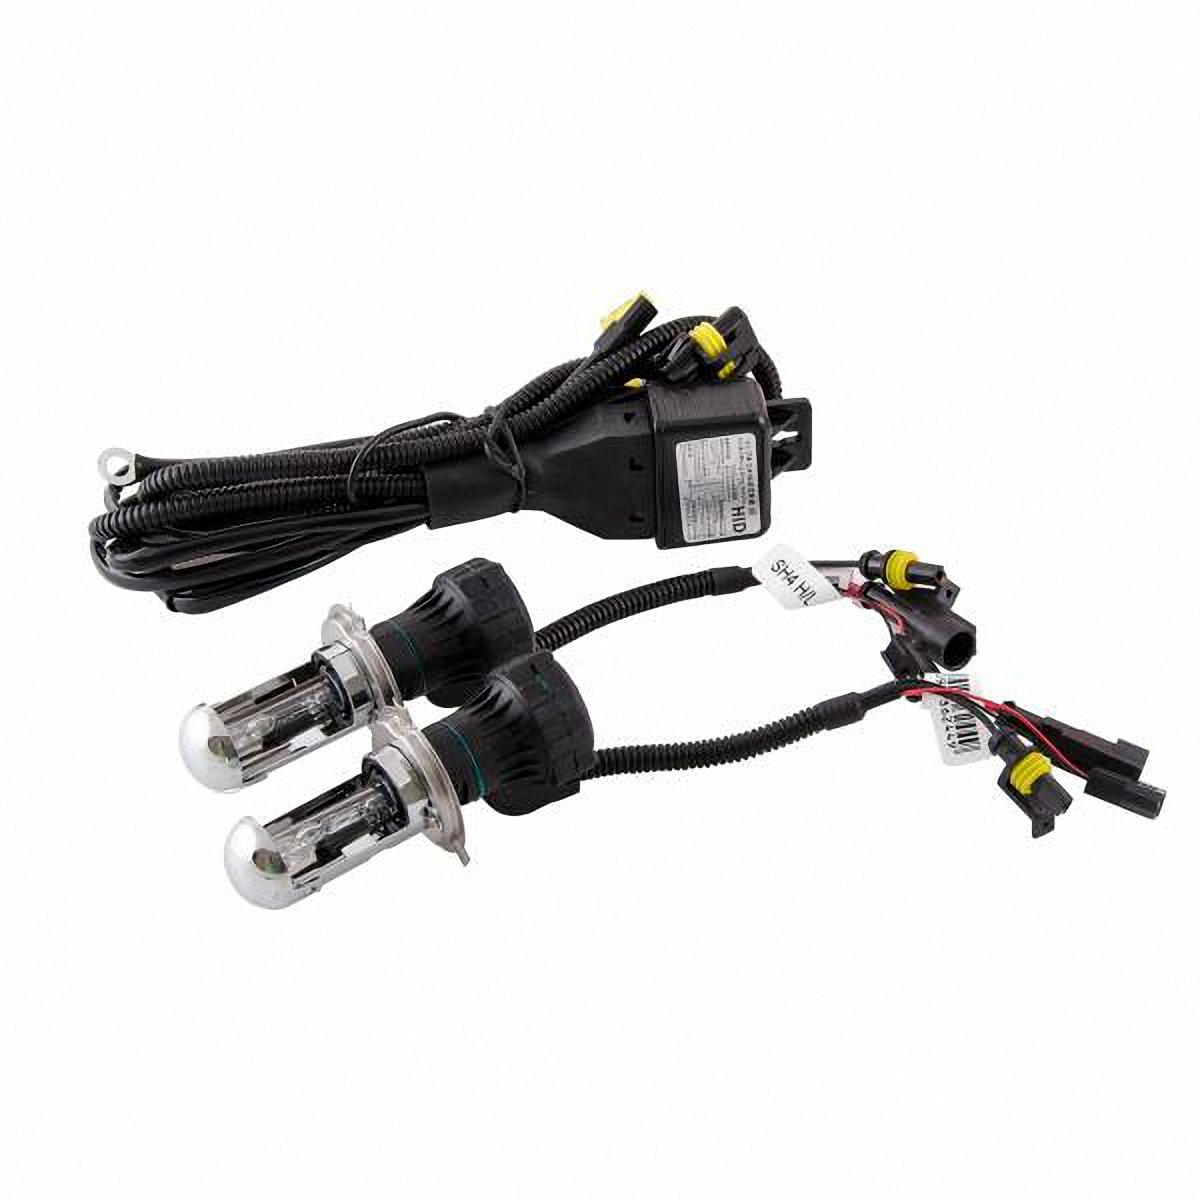 Лампа автомобильная Skyway, биксенон, цоколь H4, 35 Вт, 12 В, 2 шт. SH4 H/L 6000K10503Данная биксеноновая лампа под цоколь H4 применяется в автомобилях со световой системой, в которой в одной лампе совмещены ближний и дальний свет (в одной лампе 2 спирали). Автолампа биксенон SKYWAY устойчива к тряскам, имеет продолжительный срок эксплуатации. За счет лучшего освещения дорожной разметки и дорожных знаков, вы будете чувствовать себя уверенно в плохих погодных условиях и в темное время суток. А мягкий бело-желтый свет лампы не ослепляет водителей встречного потока автомобилей.Особенности: Защита от короткого замыкания, перенапряжения, низкого напряжения Комплект предназначен для установки в посадочные места галогеновых автомобильных ламп Упрощенная инсталляция на любой автомобиль без замены штатной проводки Колба лампы изготовлена из кварцевого стекла Водонепроницаемый корпус Короткое время розжига Характеристики: Цветовая температура: 6000К Цоколь: Н4 Мощность: 35 Вт Напряжение: 12В Комплектация: Лампа газоразрядная биксеноновая - 2 шт. Провод питания - 1 шт. Гарантийный талон - 1 шт.